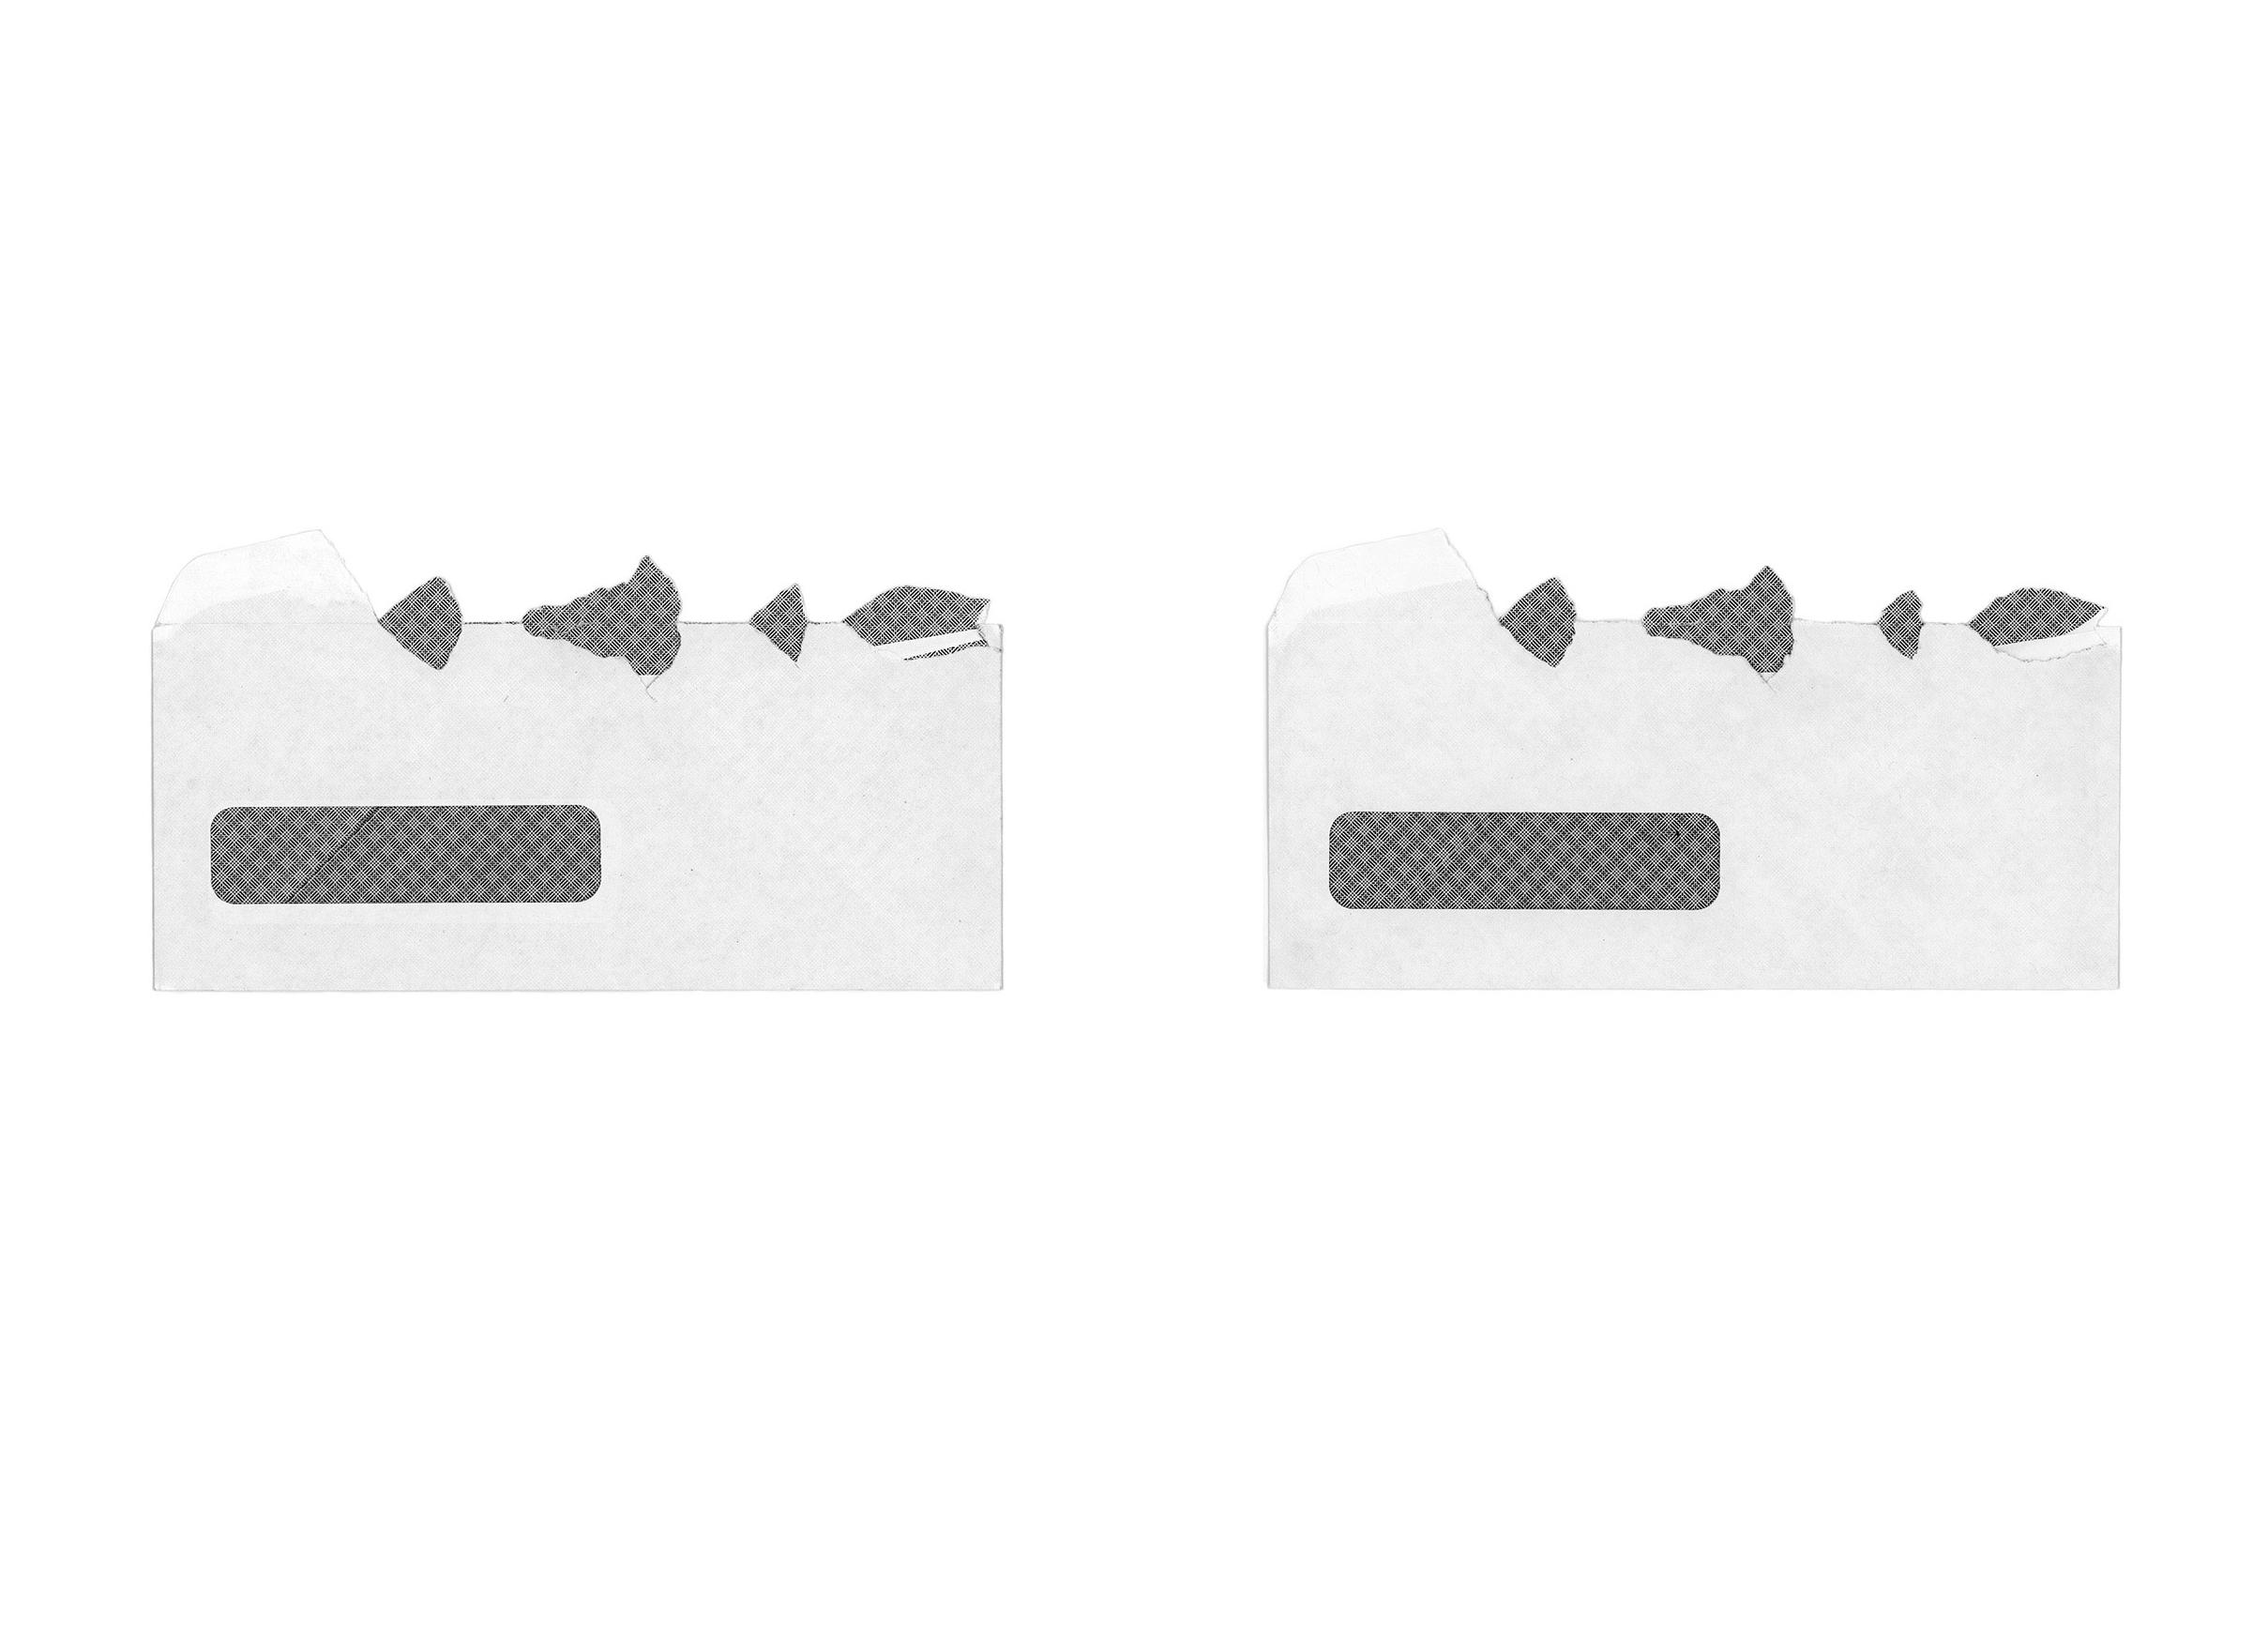 Doppelgängers (Security Envelope), 2015